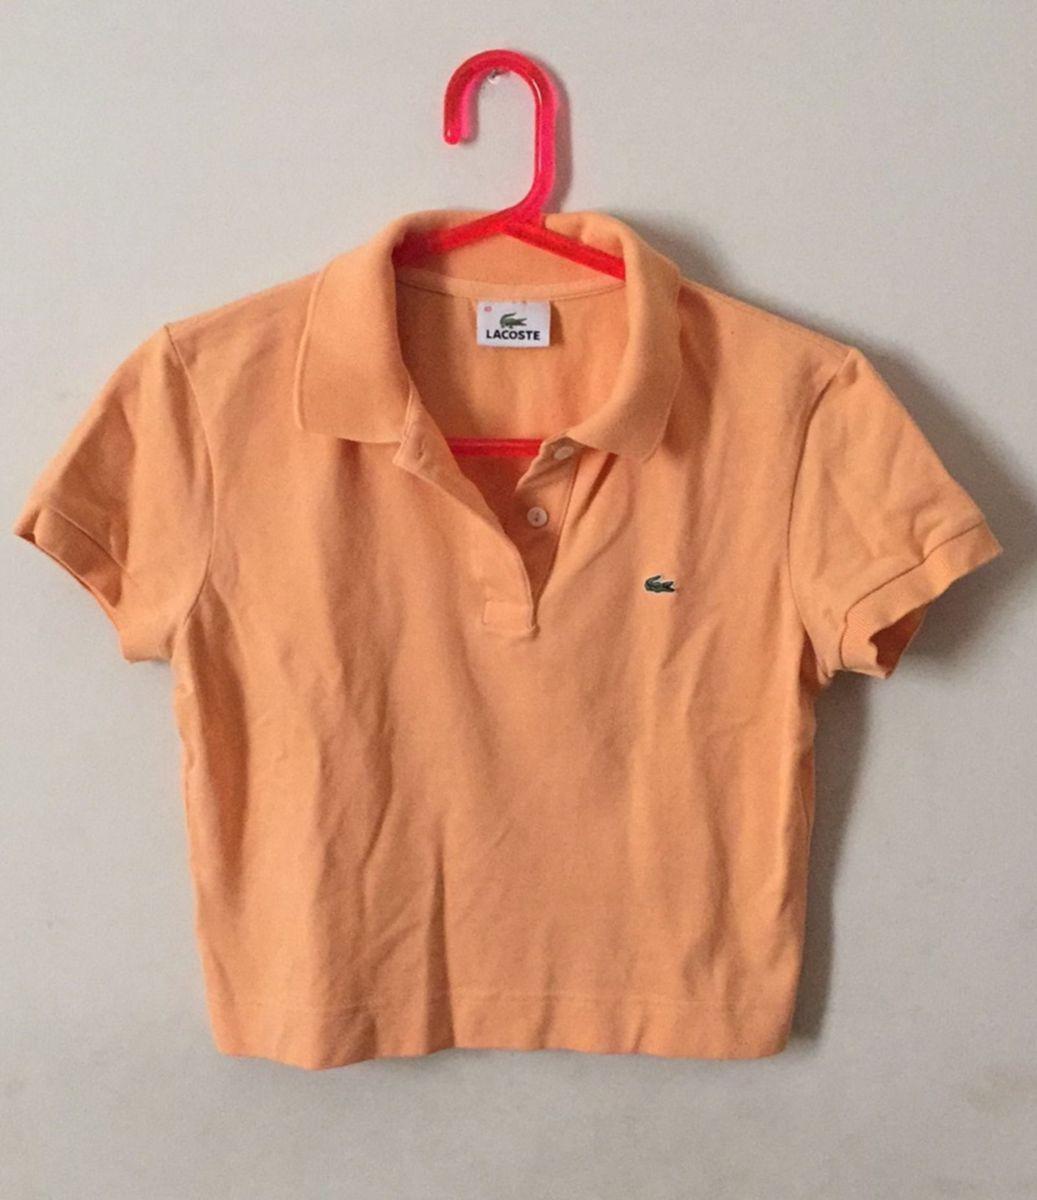 729a3cc38e400 cropped lacoste - camisas lacoste.  Czm6ly9wag90b3muzw5qb2vplmnvbs5ici9wcm9kdwn0cy82ntkwmdy2lzawmdbiotqxzgi2yjrhnty4y2q4zdjimjvkzmnlmwzmlmpwzw  ...